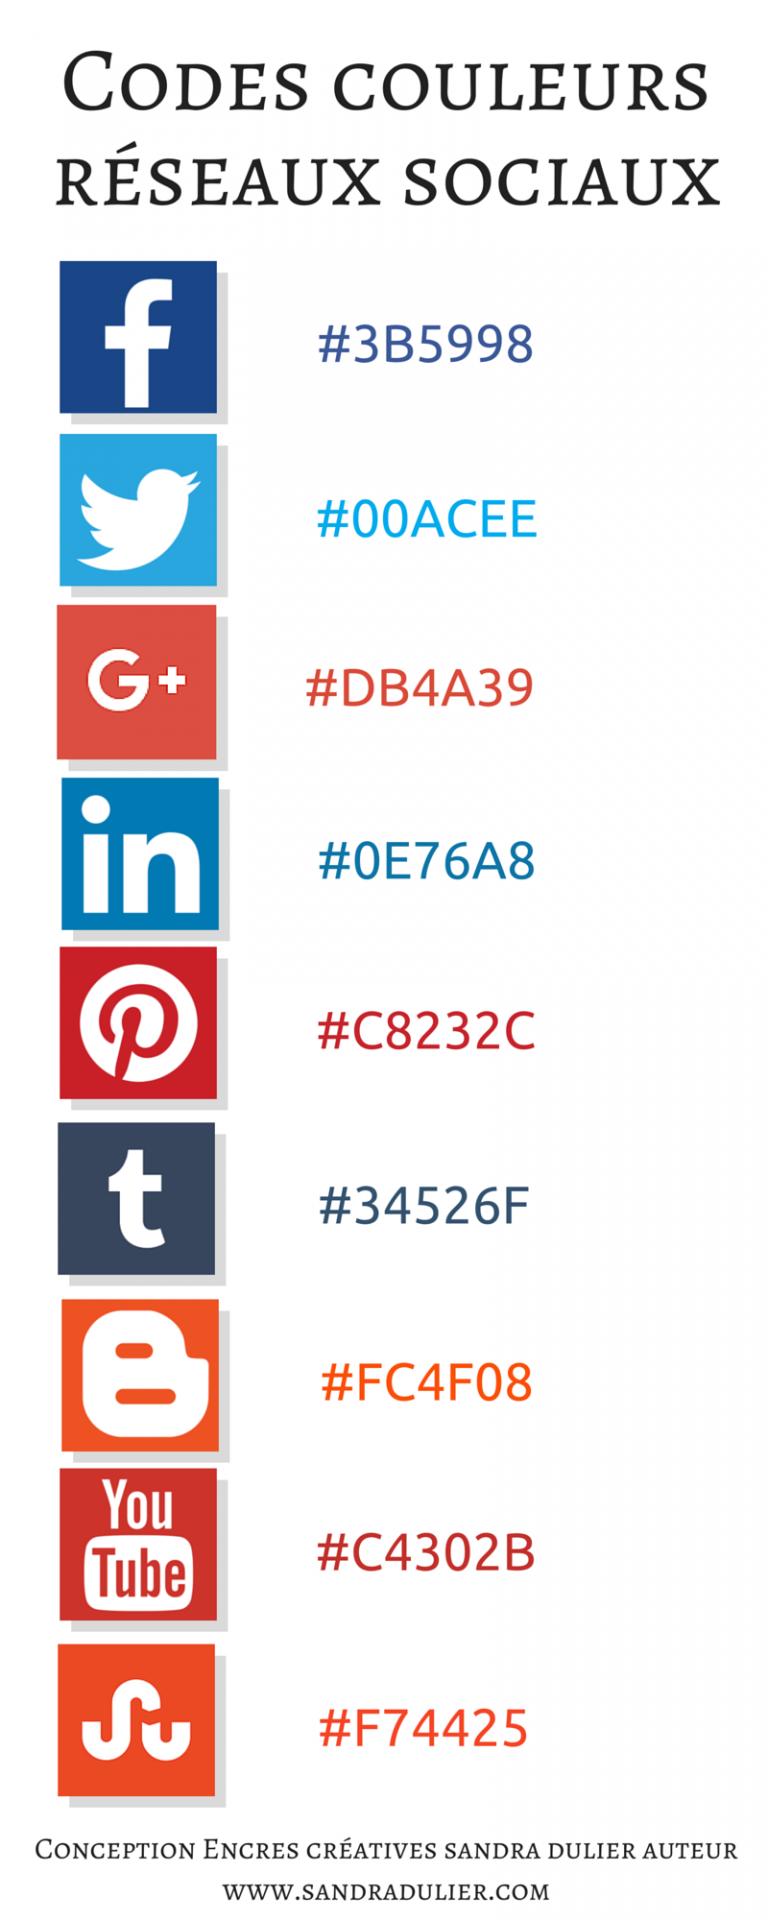 Parce que les images valent mieux qu'un long discours, petit résumé des codes couleurs si emblématiques de nos chers réseaux sociaux. (Codes Hexa)